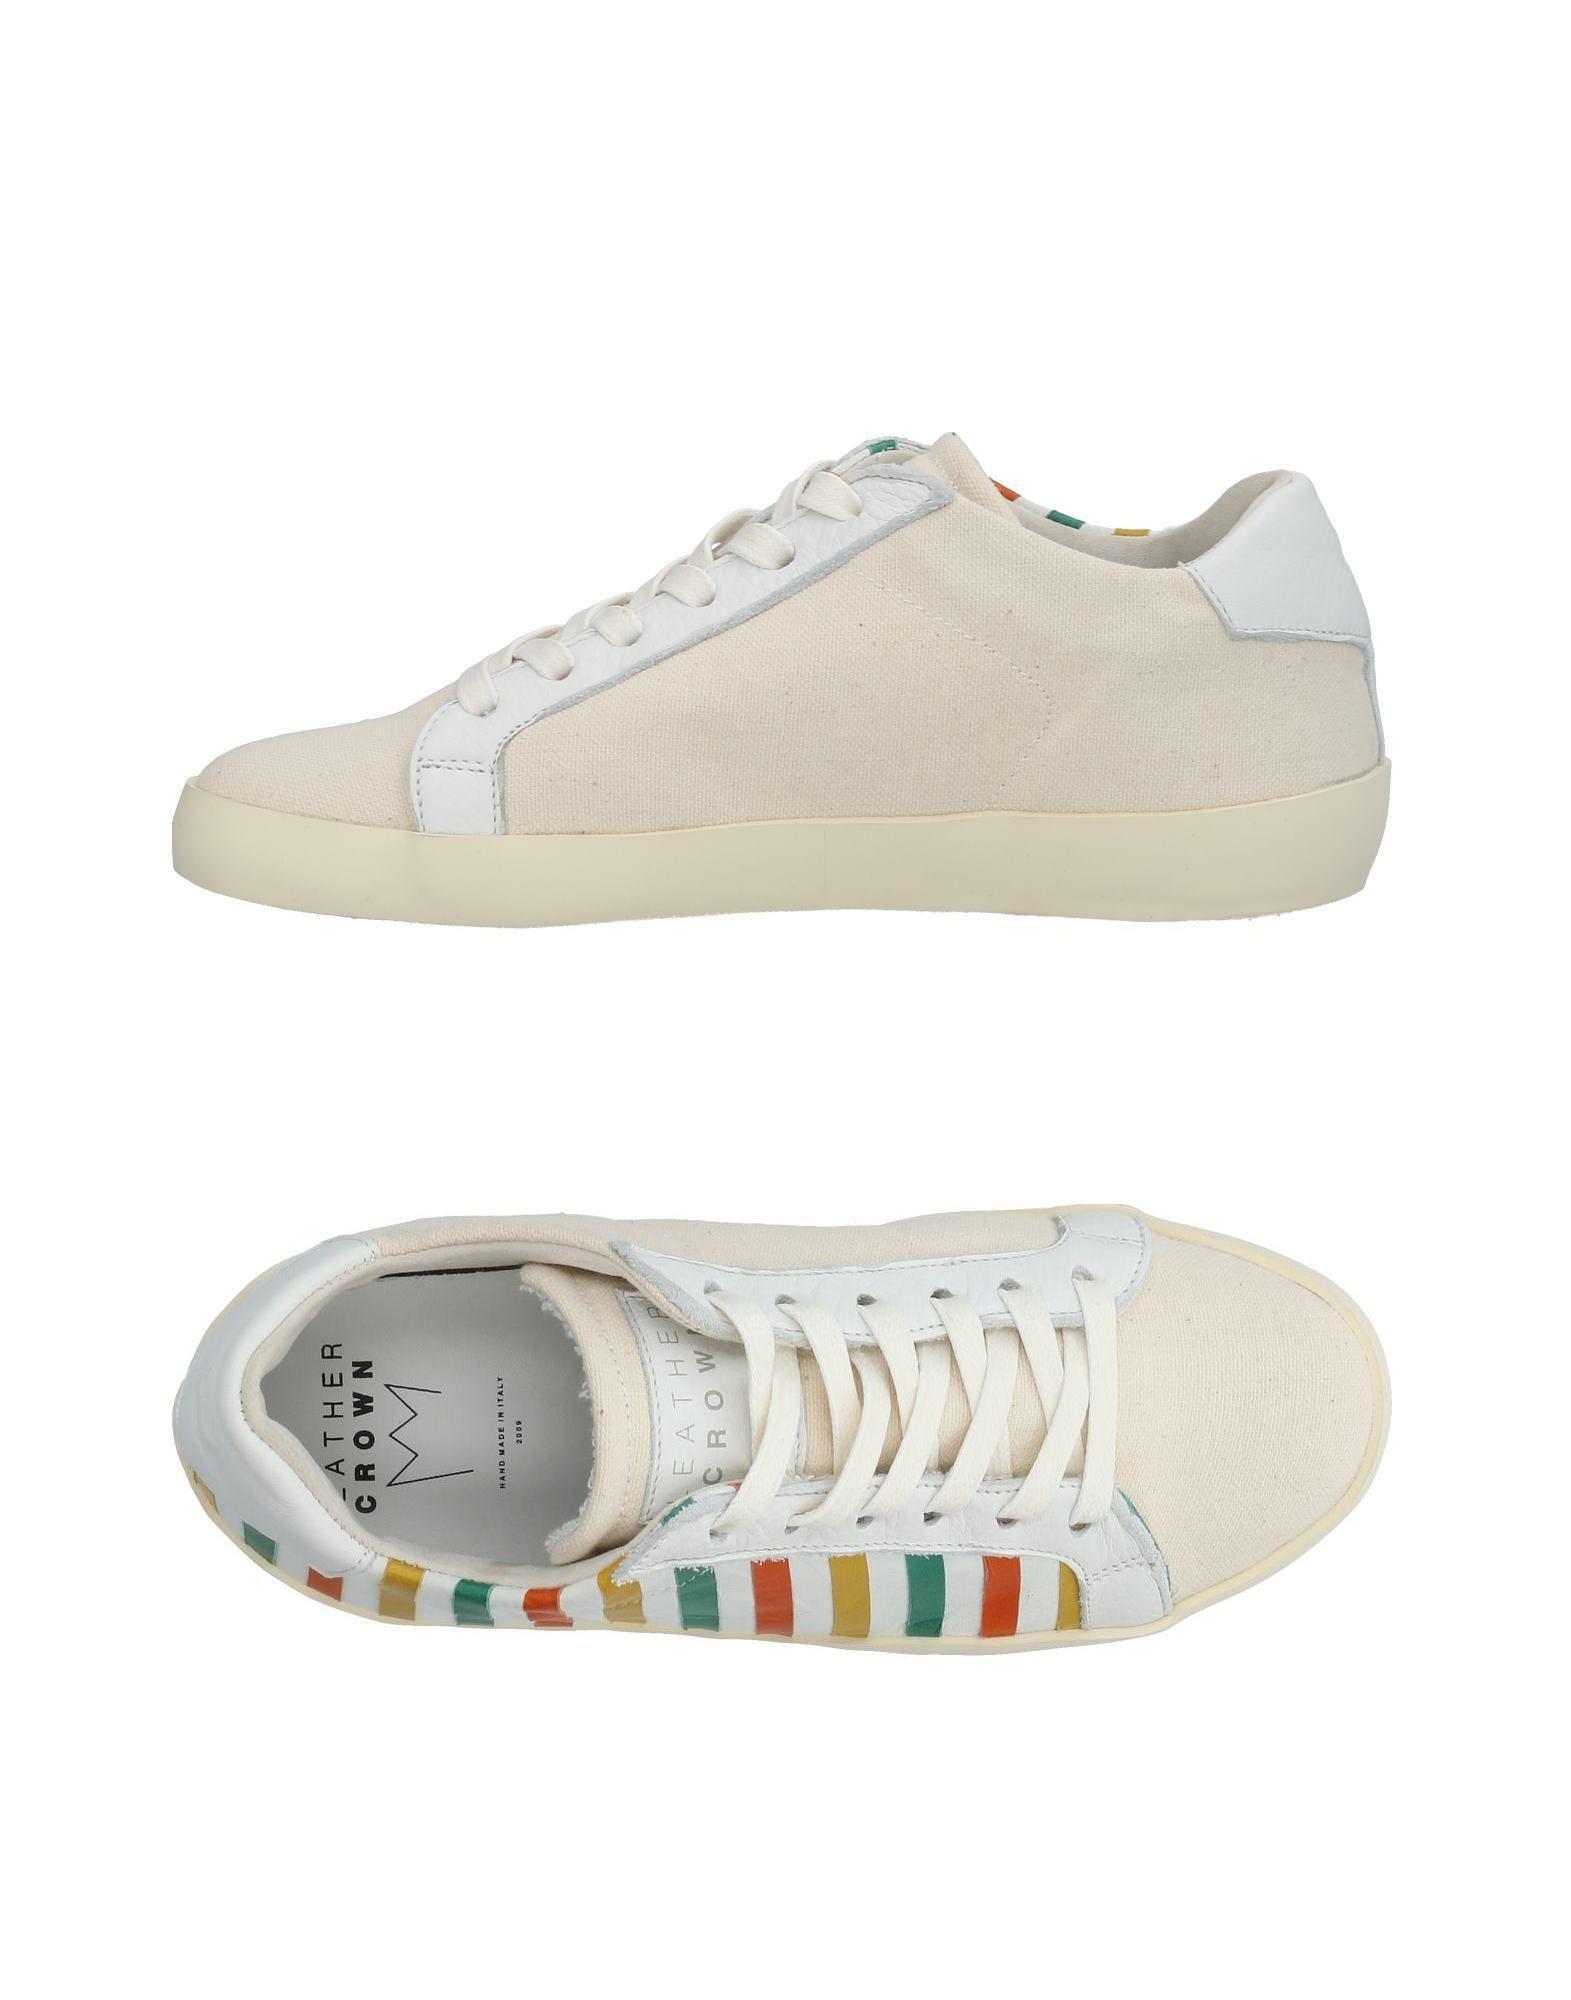 FOOTWEAR - Low-tops & sneakers Leather Crown 5DWM5Hb9J